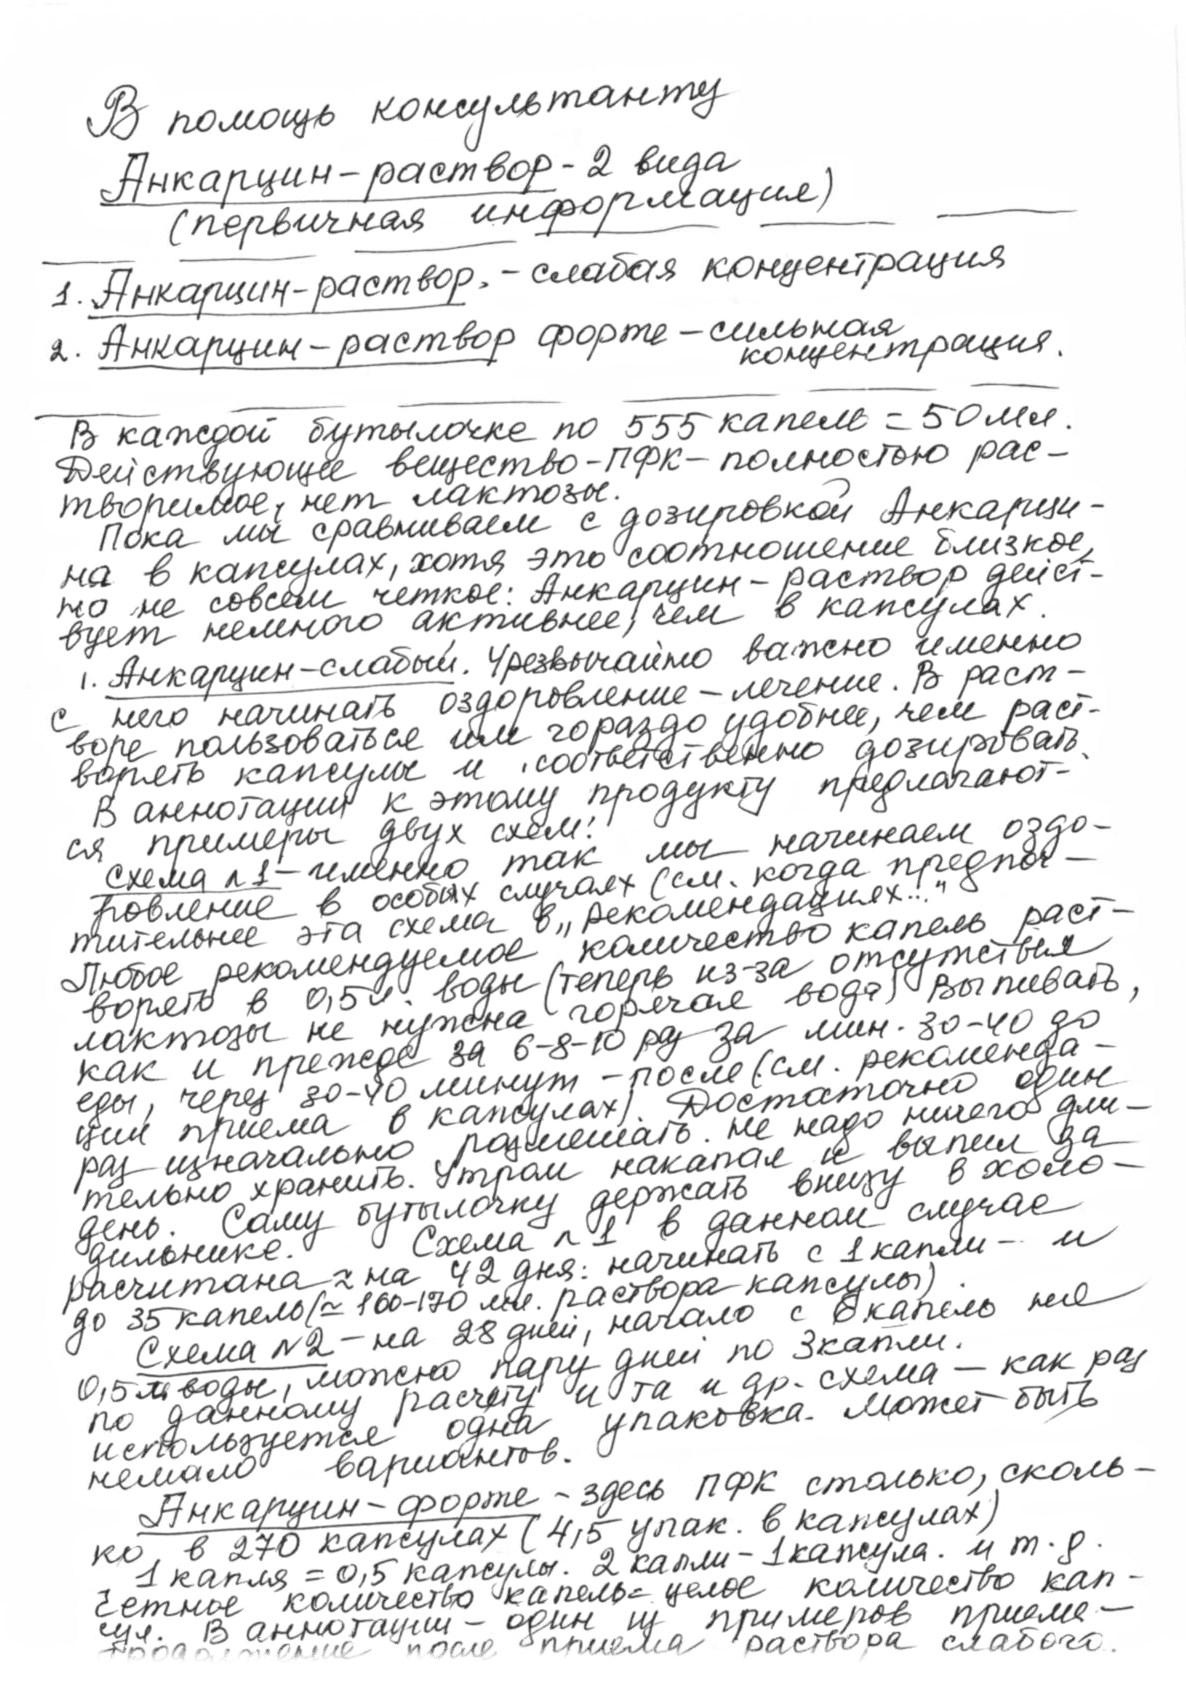 Анкарцин раствор Кожарова инструкция